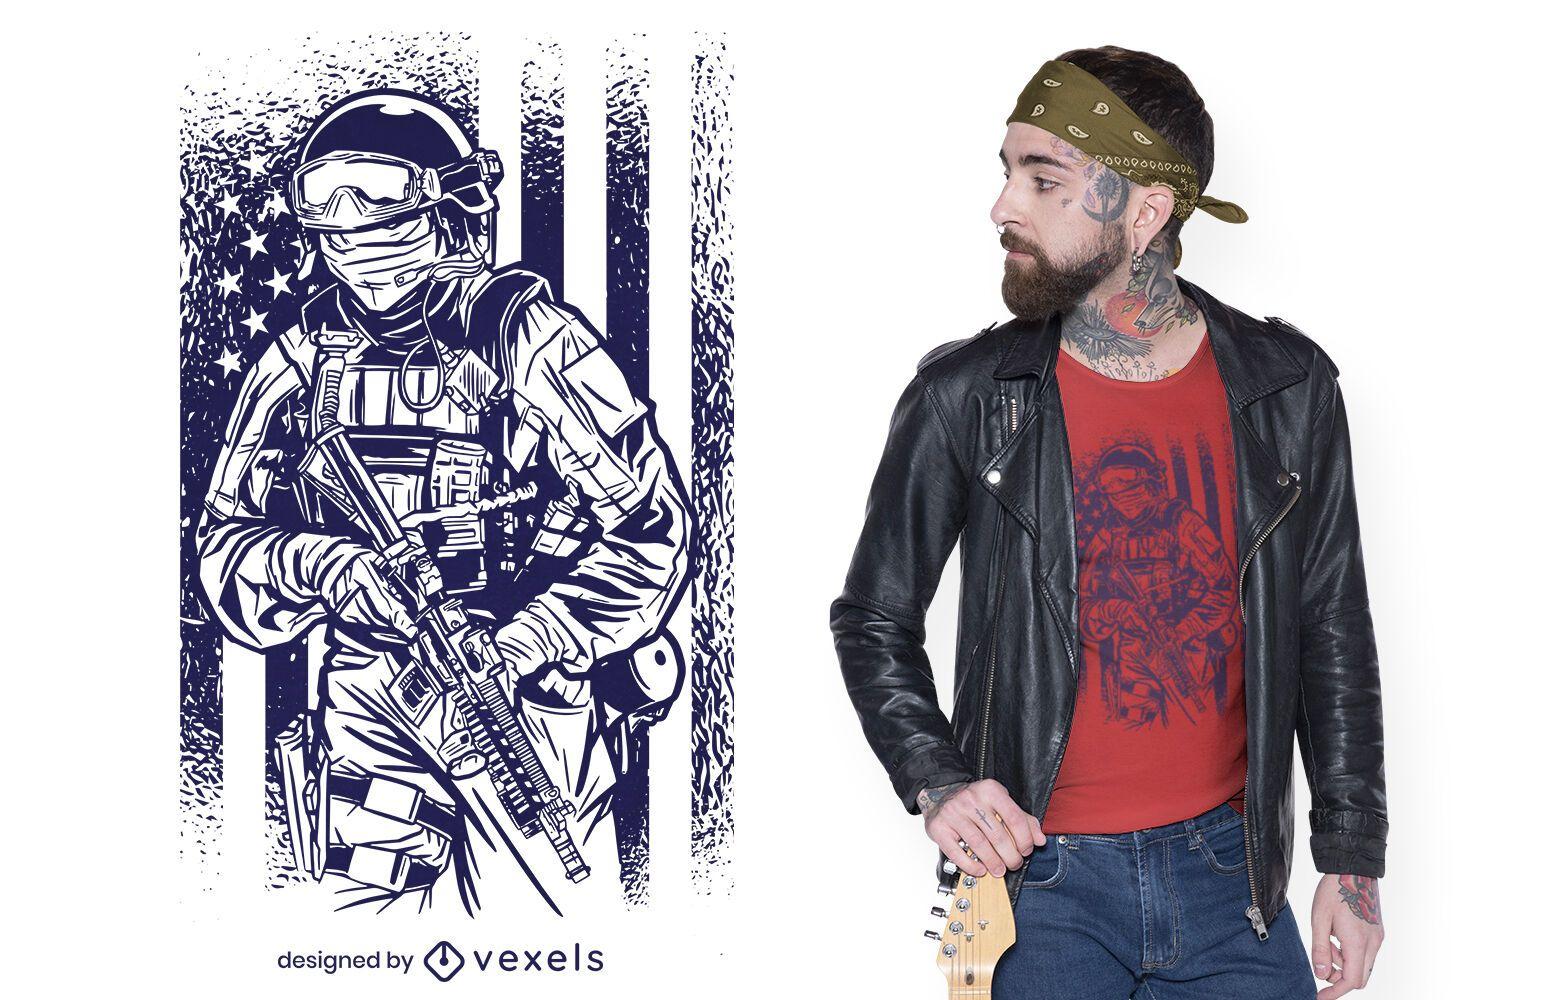 Dise?o de camiseta vintage de soldado americano